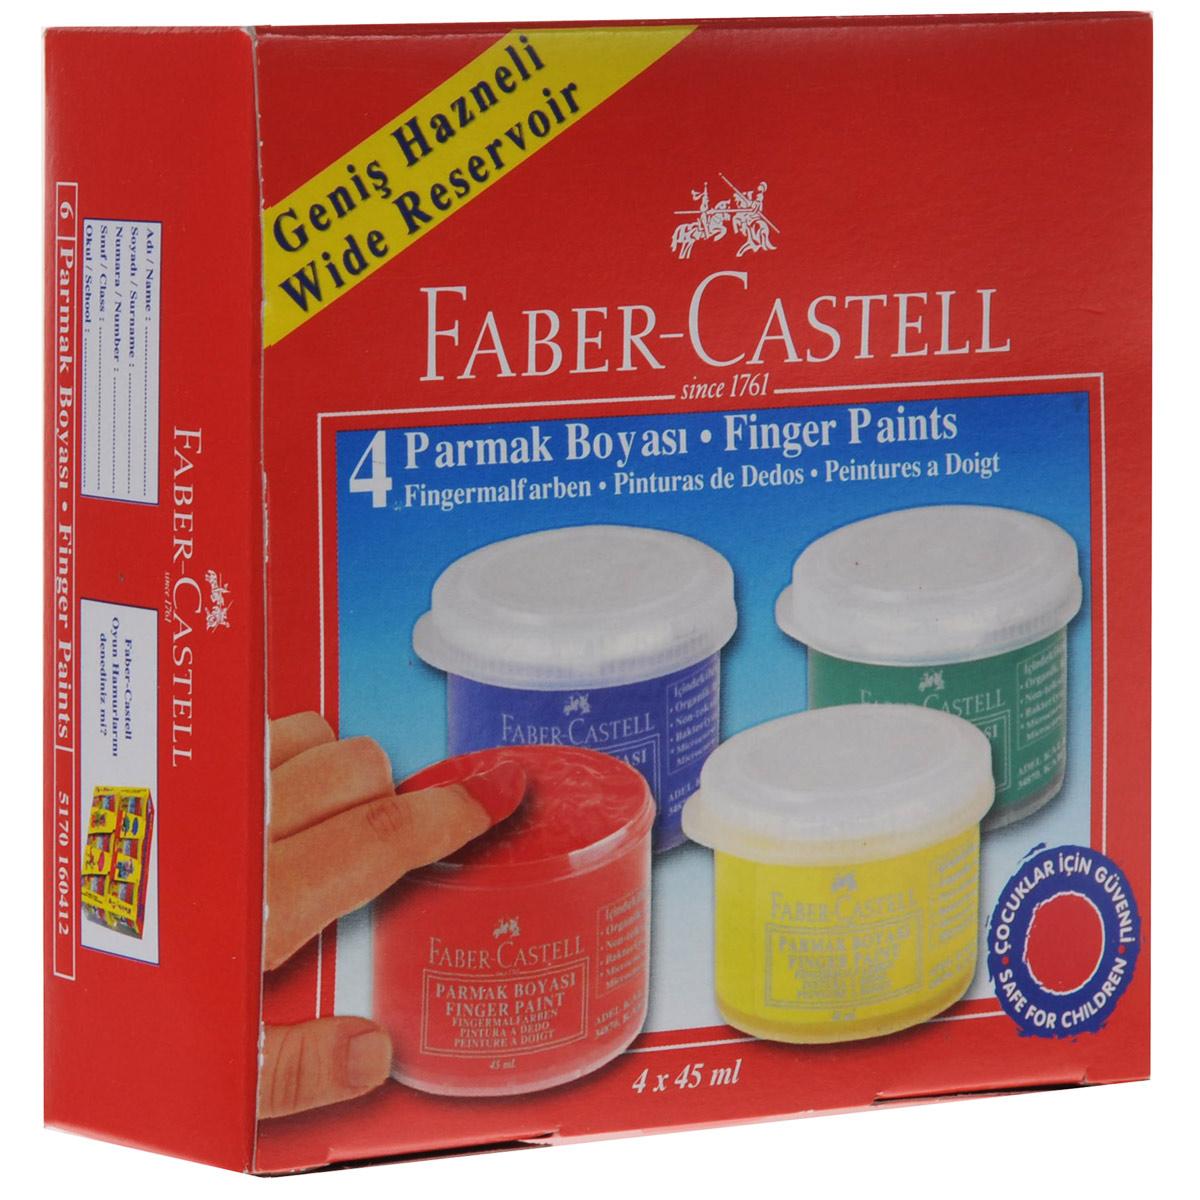 Краски пальчиковые Faber-Castell, 4 цвета160412Пальчиковые краски Faber-Castell порадуют маленького художника и помогут ему раскрыть свой талант. Ими можно рисовать не только на бумаге, но на картоне и стекле без каких-либо дополнительных приспособлений. В наборе краски в баночках по 45 мл 4 цветов: синего, зеленого, красного и желтого. Краска каждого цвета хранится в широкой пластиковой баночке с плотно закрывающейся крышкой. Краски имеют яркие цвета, безопасны для малыша, а широкое горлышко баночек позволяет легко набирать их пальцами.Рисование пальцами обостряет детские ощущения и положительно влияет на настроение детей. Кроме того, развивает мелкую моторику, дает наиболее сильное восприятие цвета. >Химический состав: водная основа, пищевые красители.